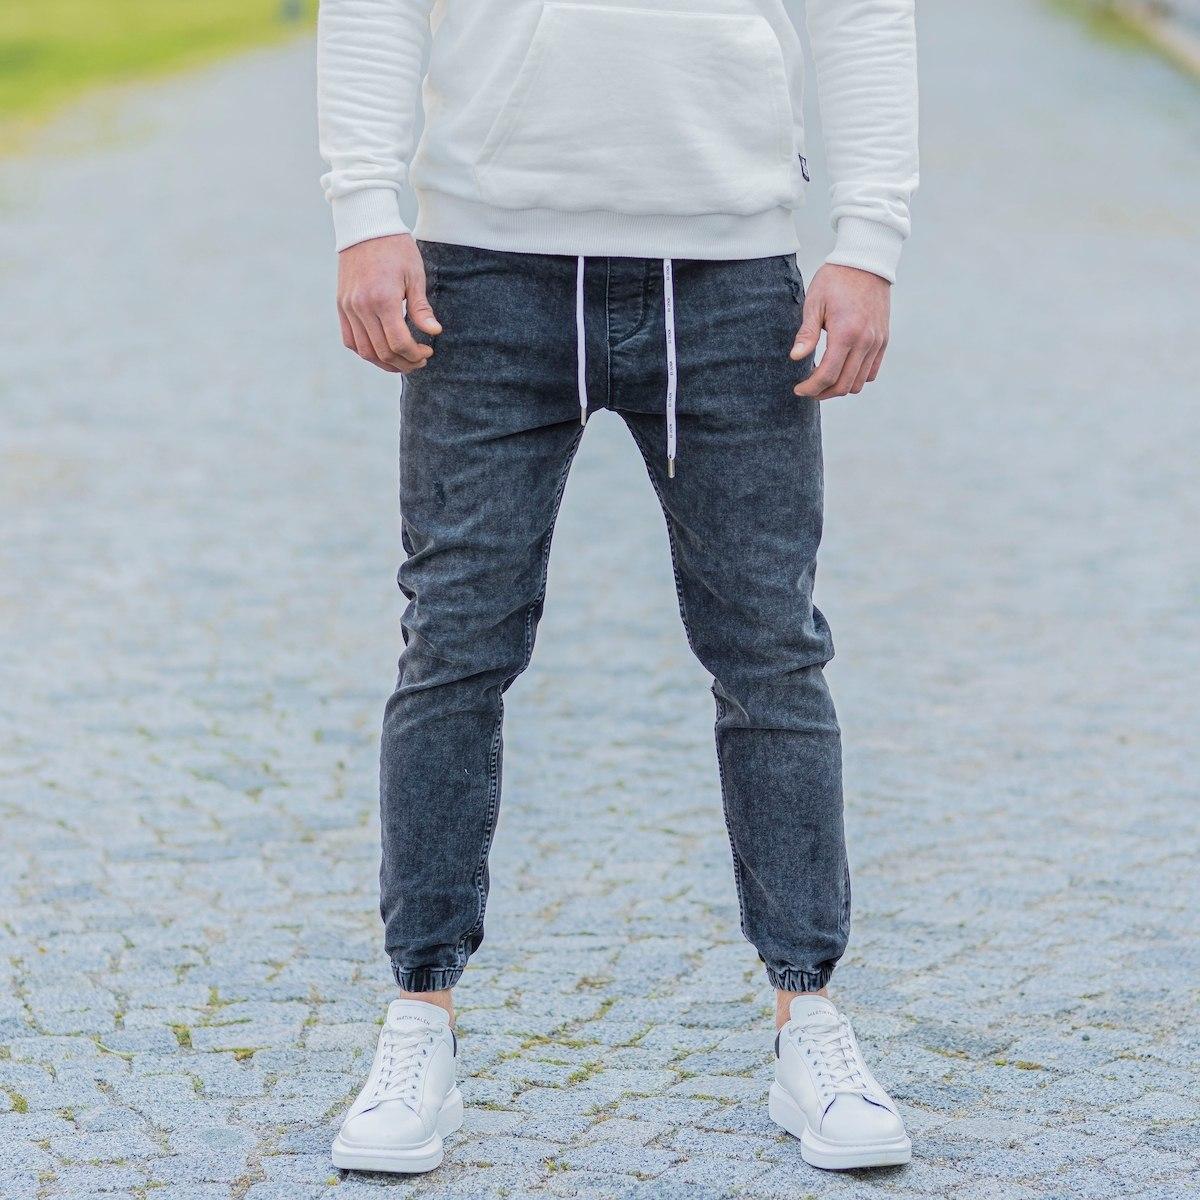 Men's Denim Joggers In Anthracite